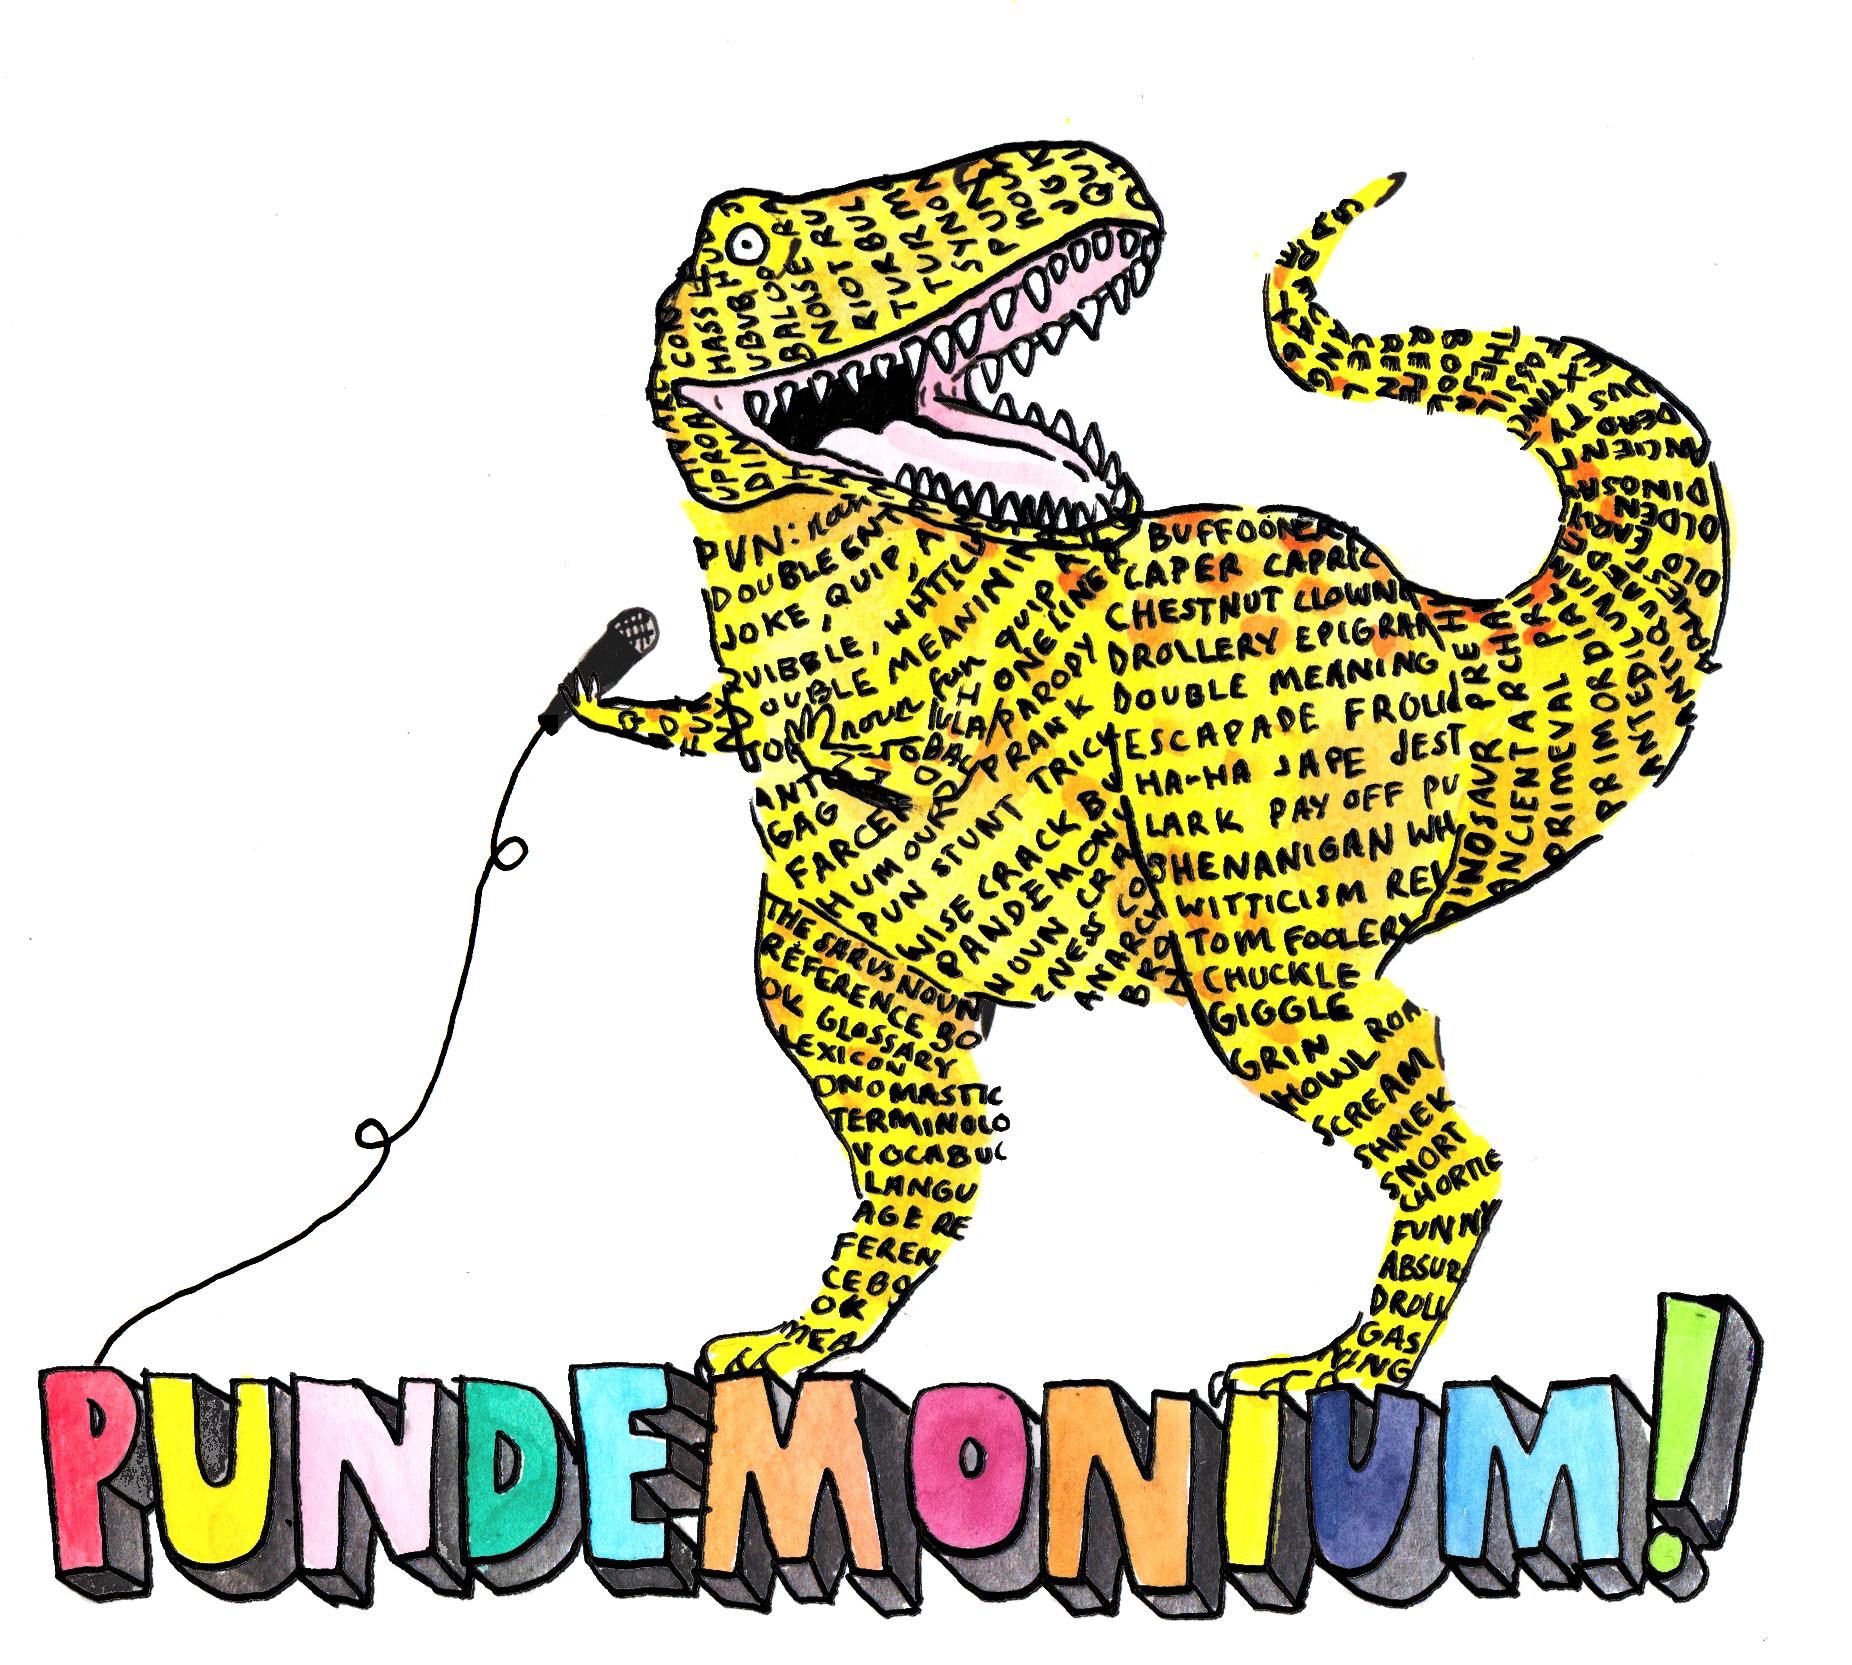 Pundemonium!